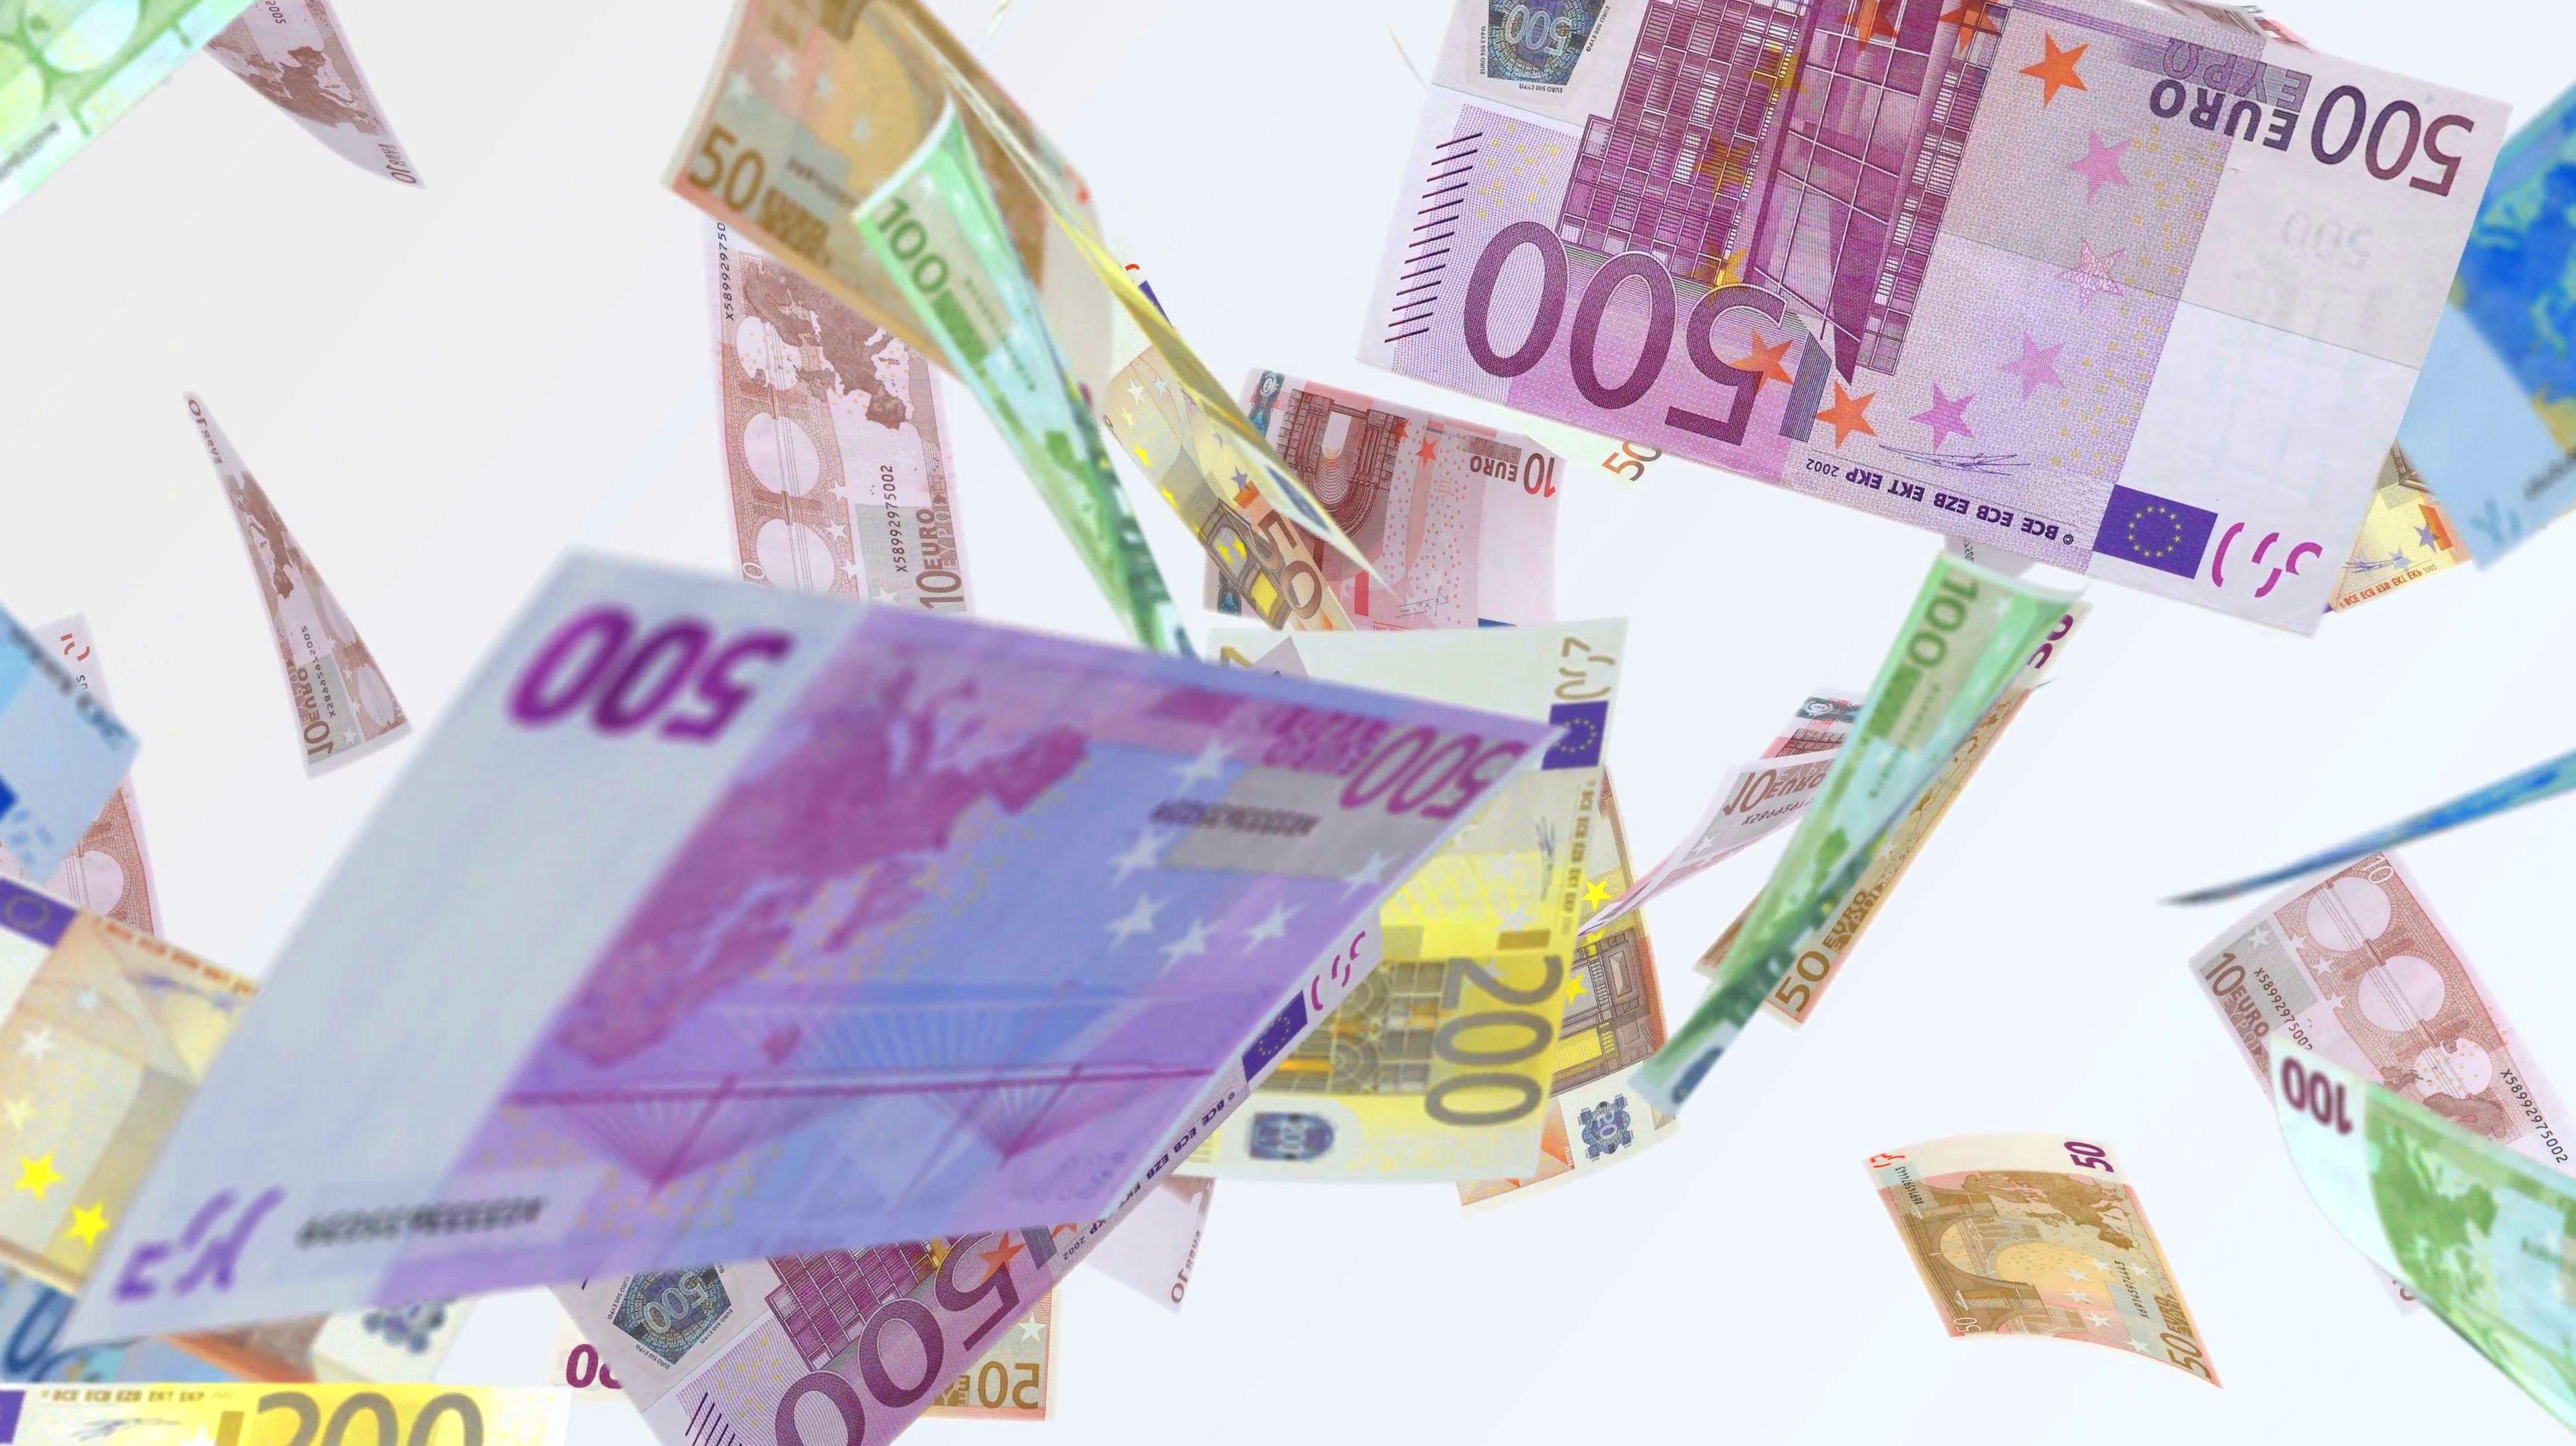 Solicita tu crédito ¡ahora!: Nuestros servicios de Cash Solution Sucredit